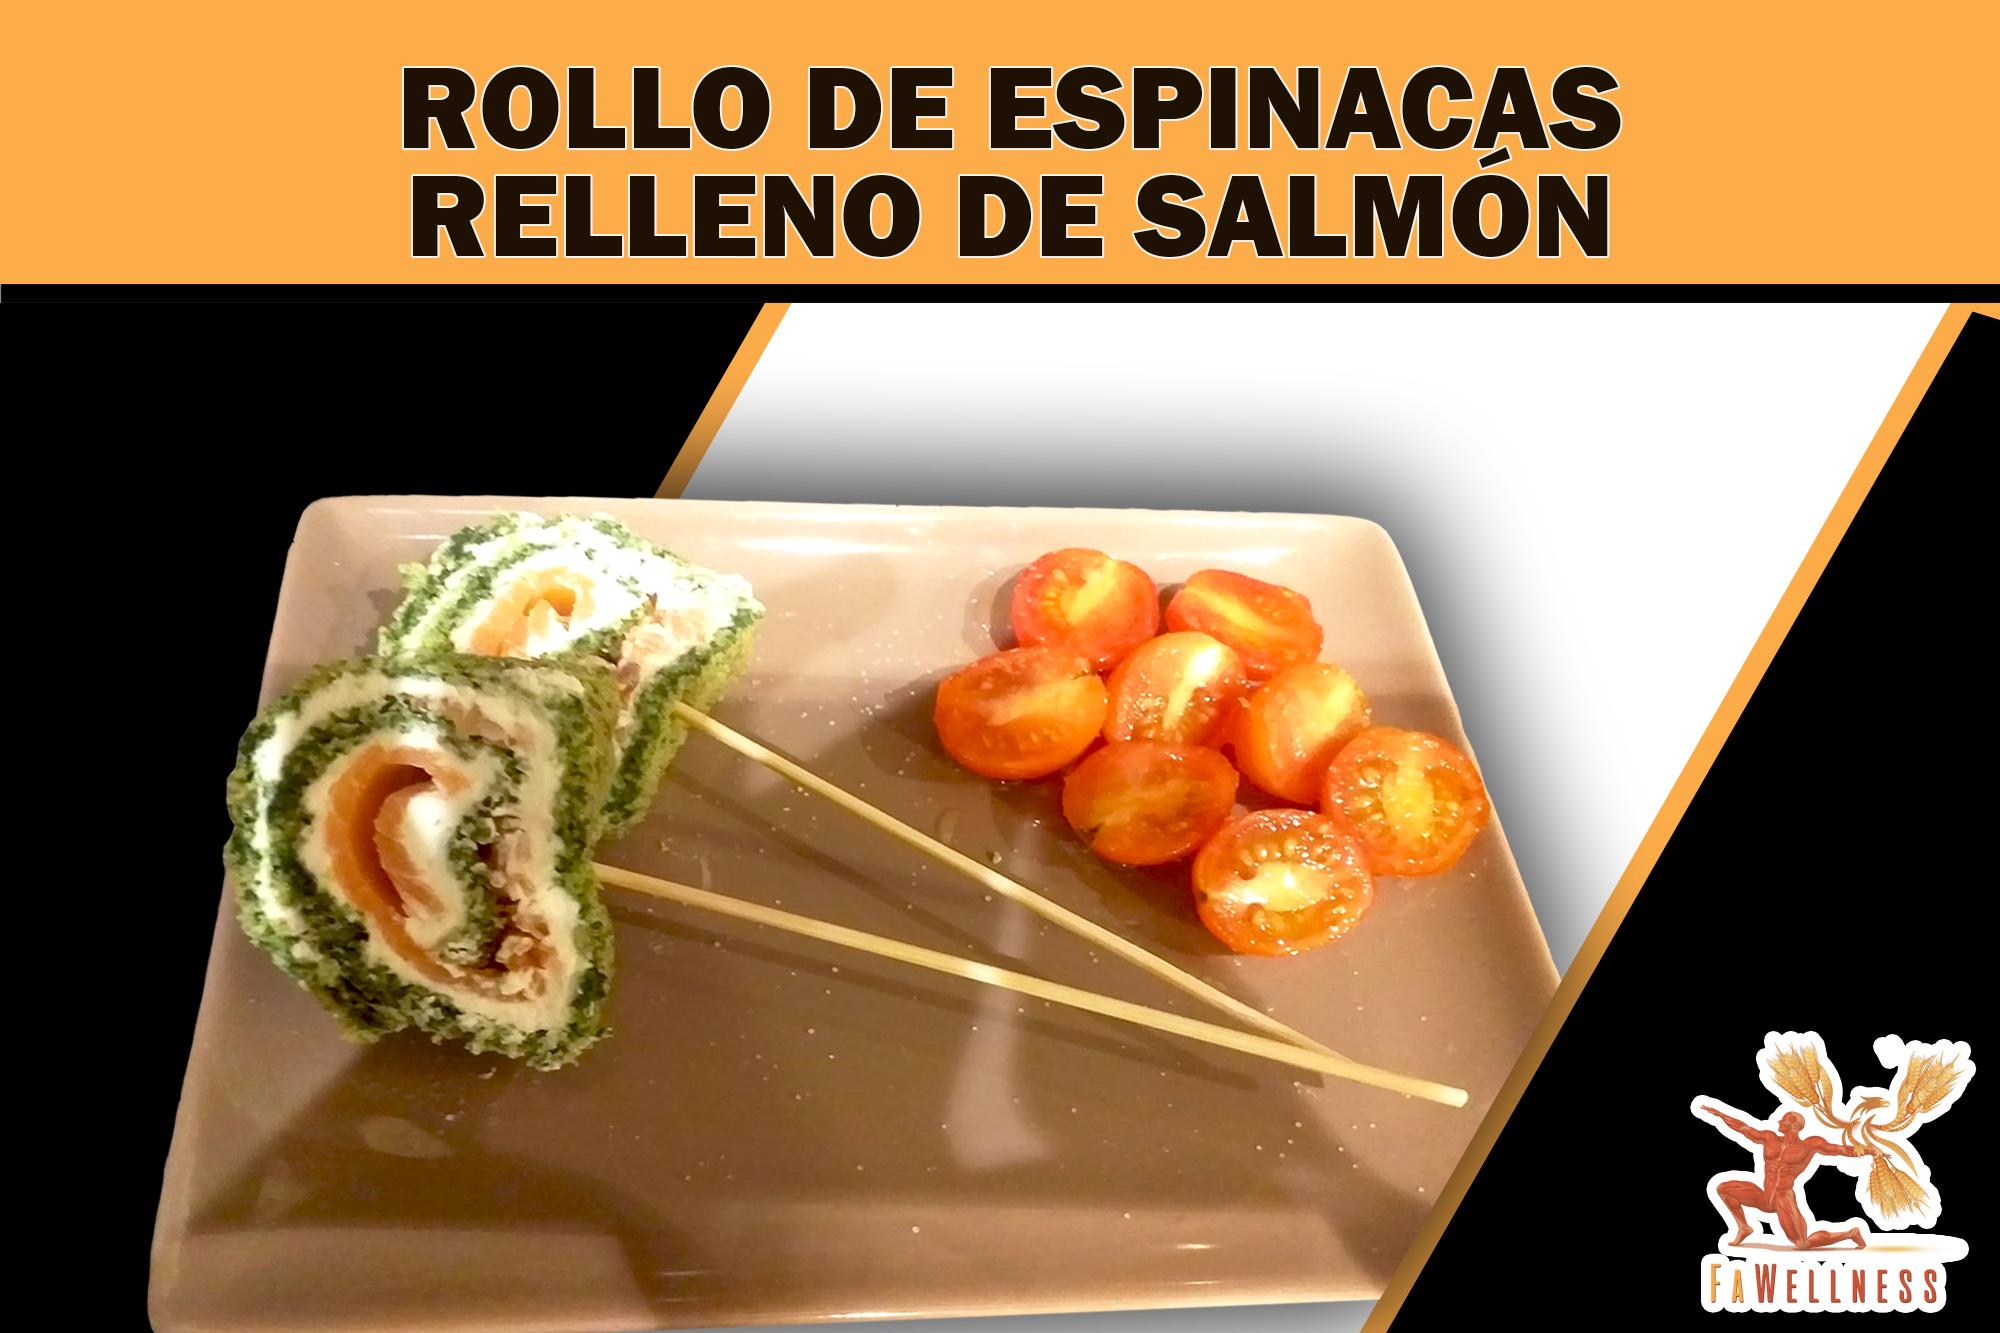 imagen blog FaWellness | ROLLO DE ESPINACAS RELLENO DE SALMÓN Y QUESO CREMA